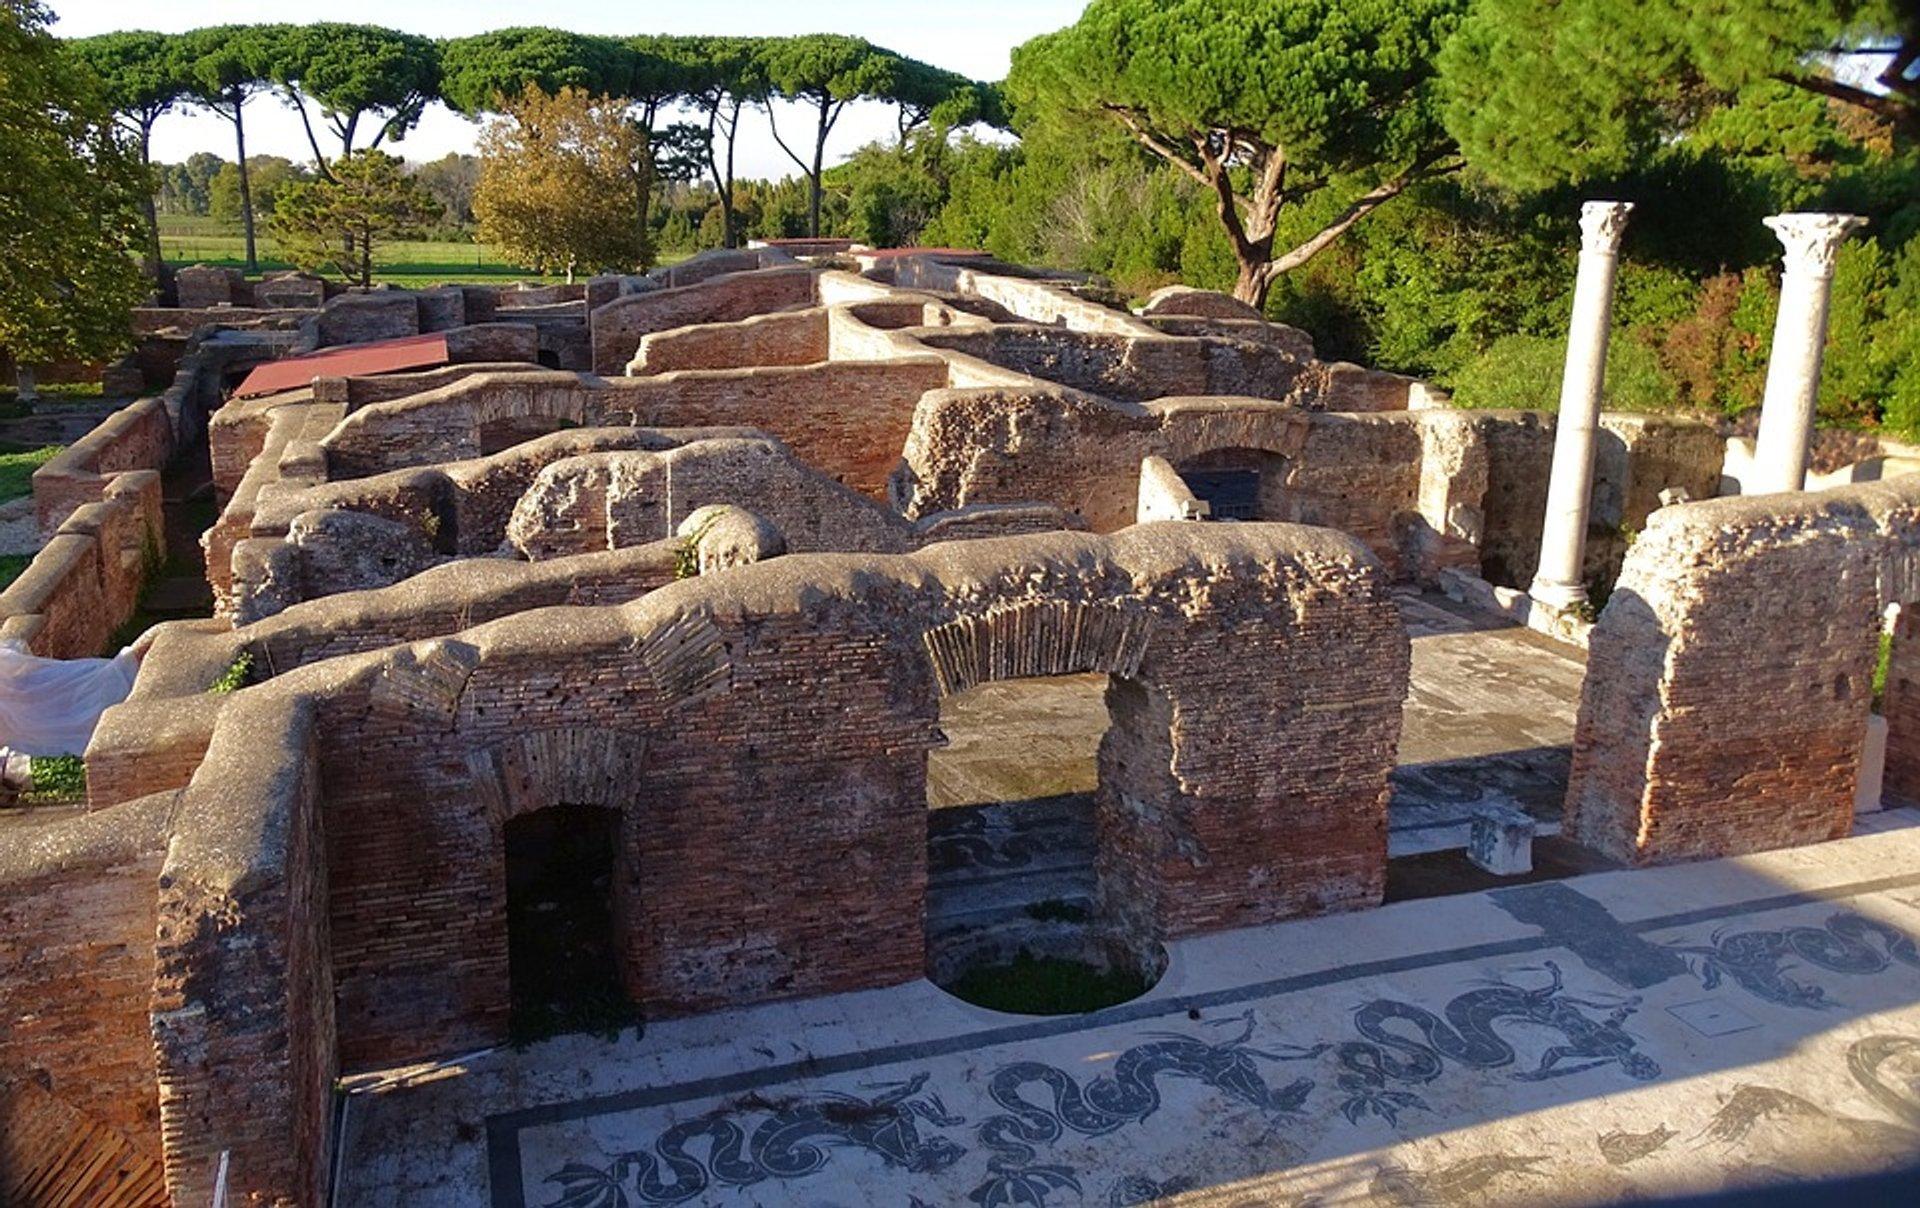 Ruins of Ostia Antica 2019